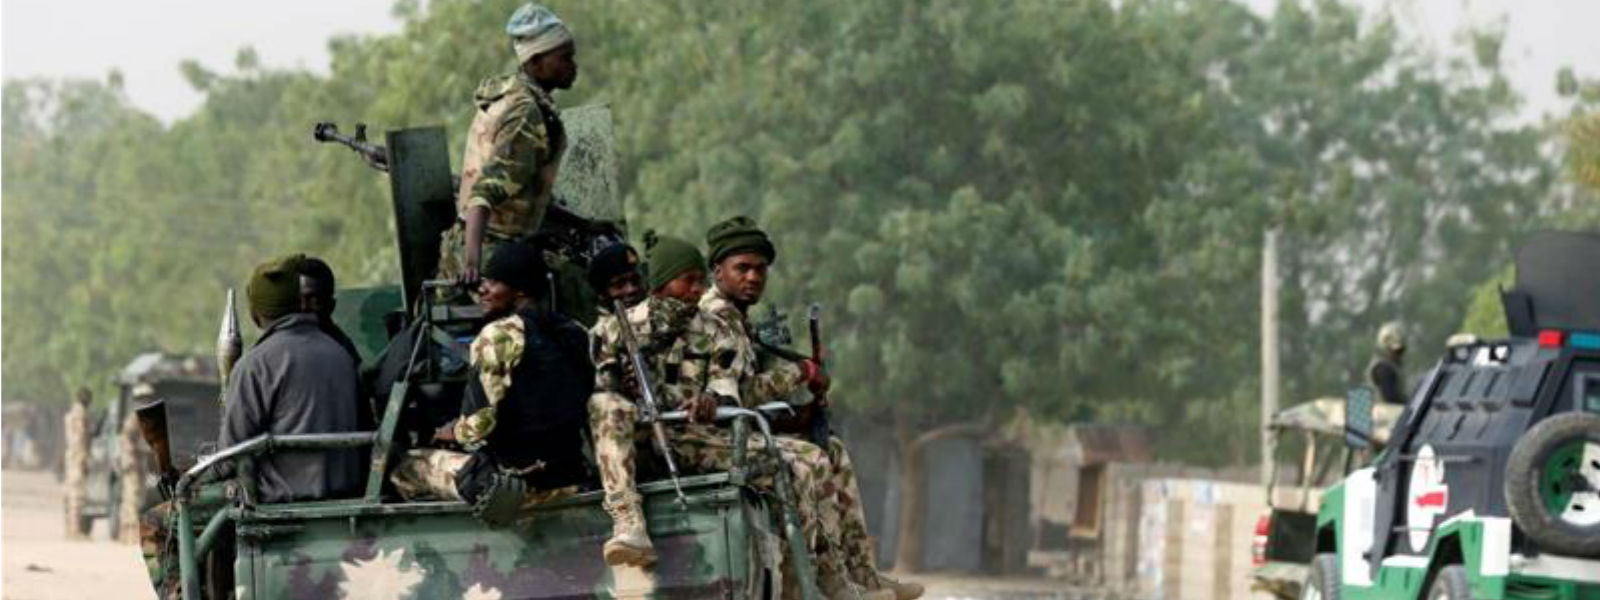 நைஜீரியாவில் துப்பாக்கிதாரிகளின் தாக்குதலில் 59 பேர் பலி